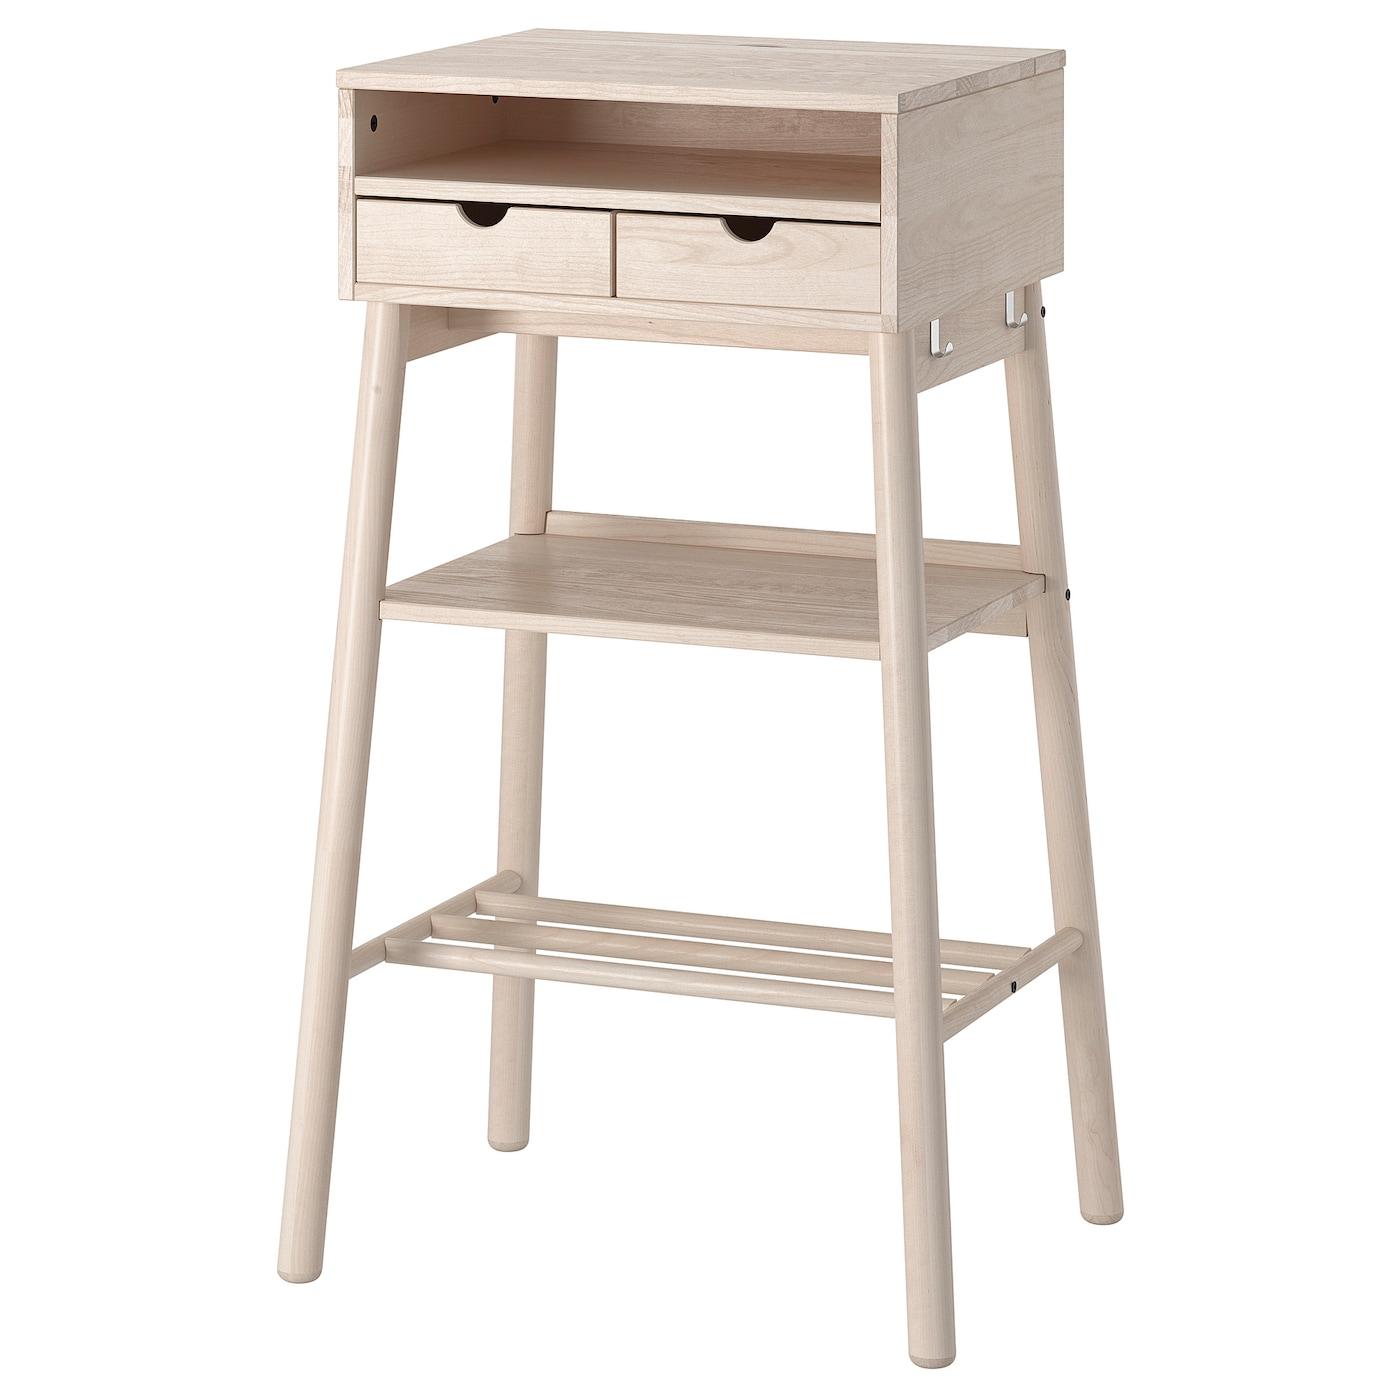 en-standing-desk-white-birch__0736002_PE740331_S5